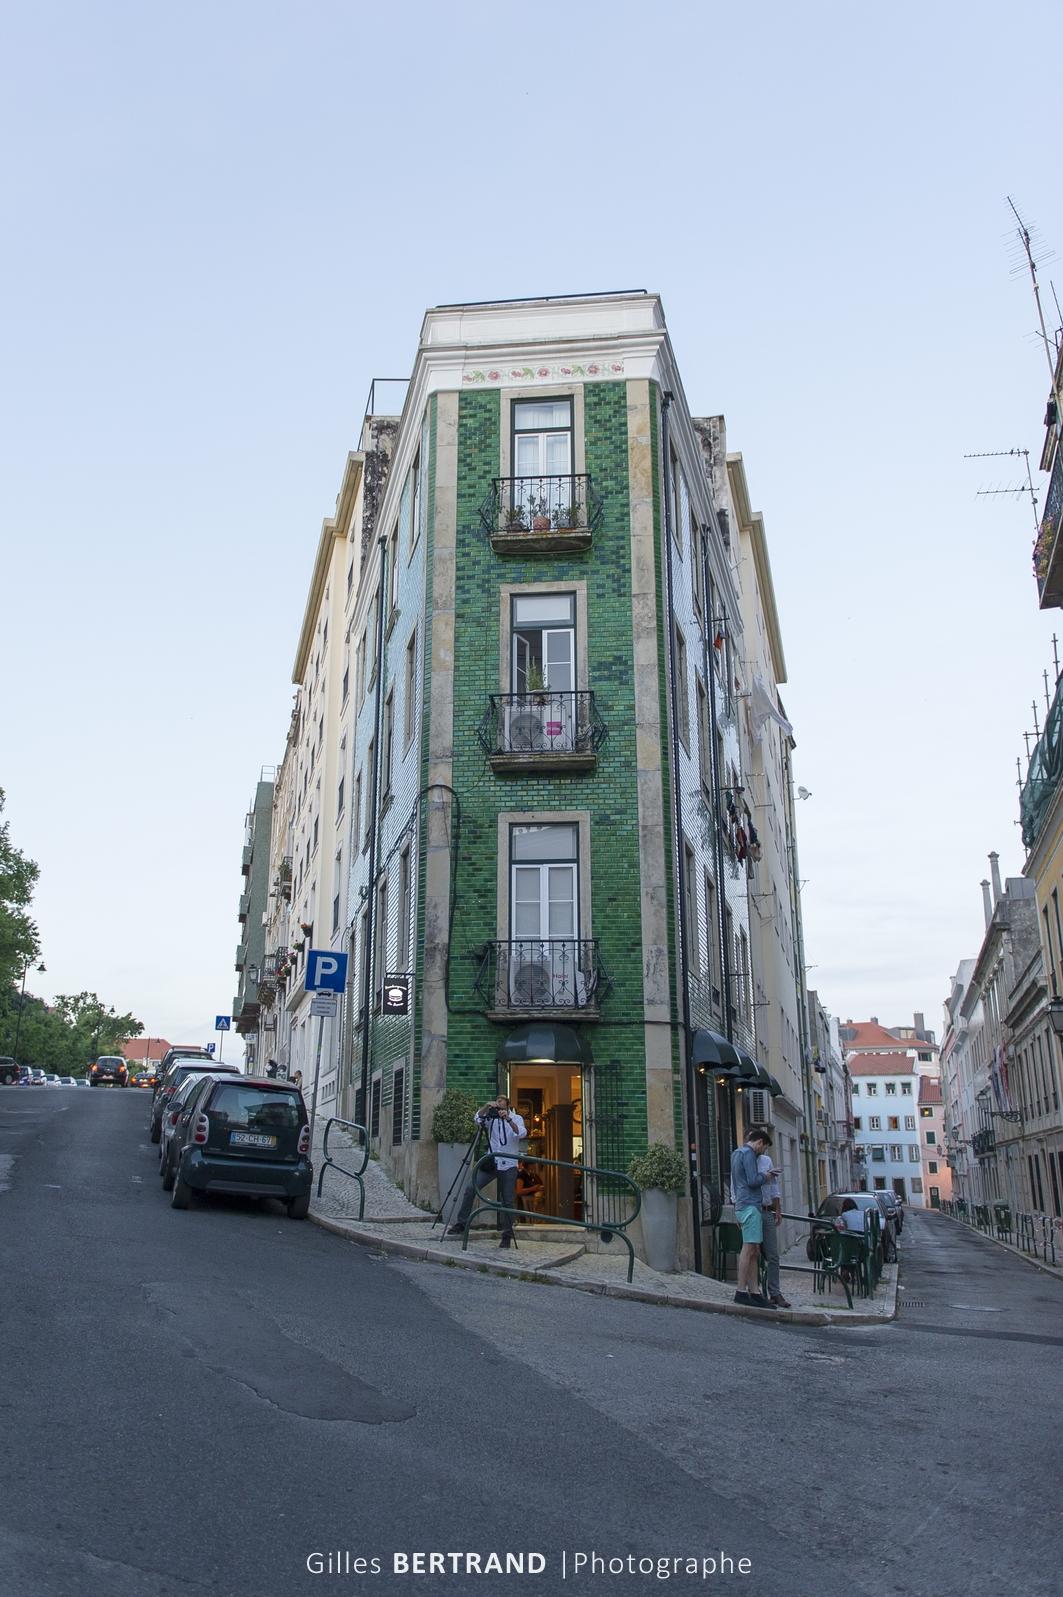 LISBONNE - Un immeuble dont les facades sont recouvert d'Azulejos